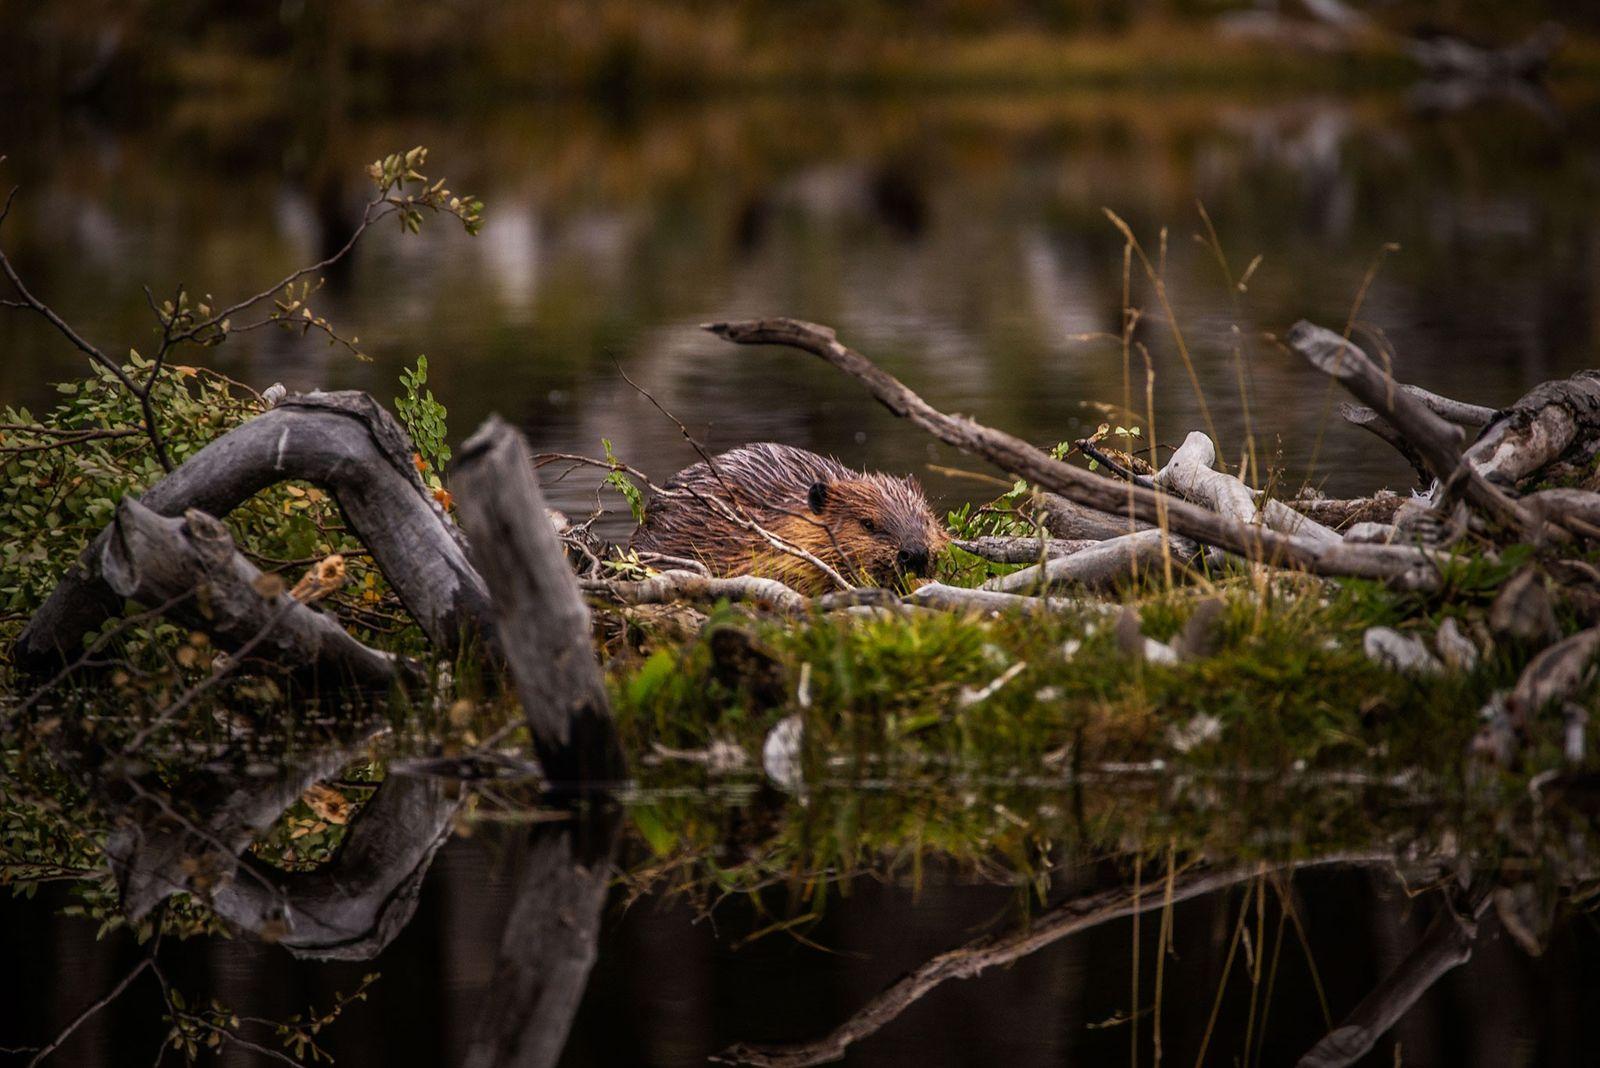 Um castor constrói uma represa próximo a Ushuaia, a maior cidade de Tierra del Fuego. As ...